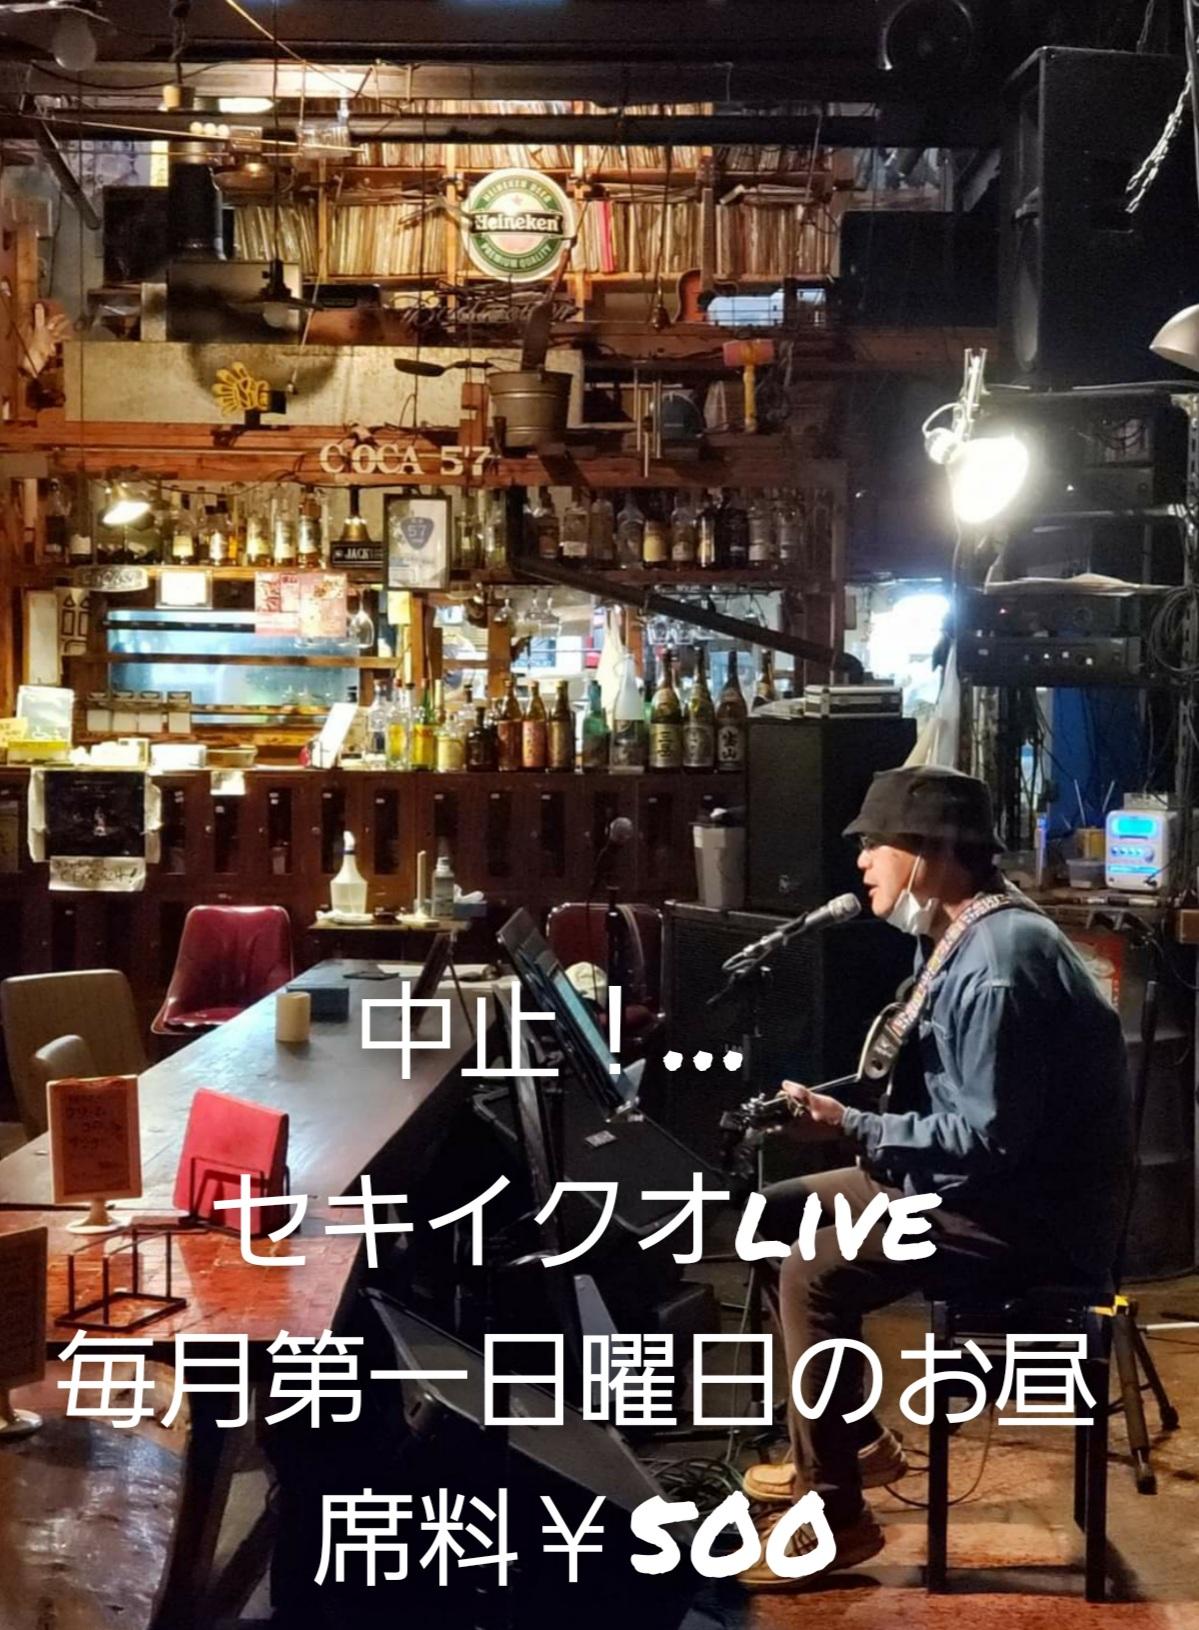 中止!…セキイクオlive12時開場13時開演16時閉店